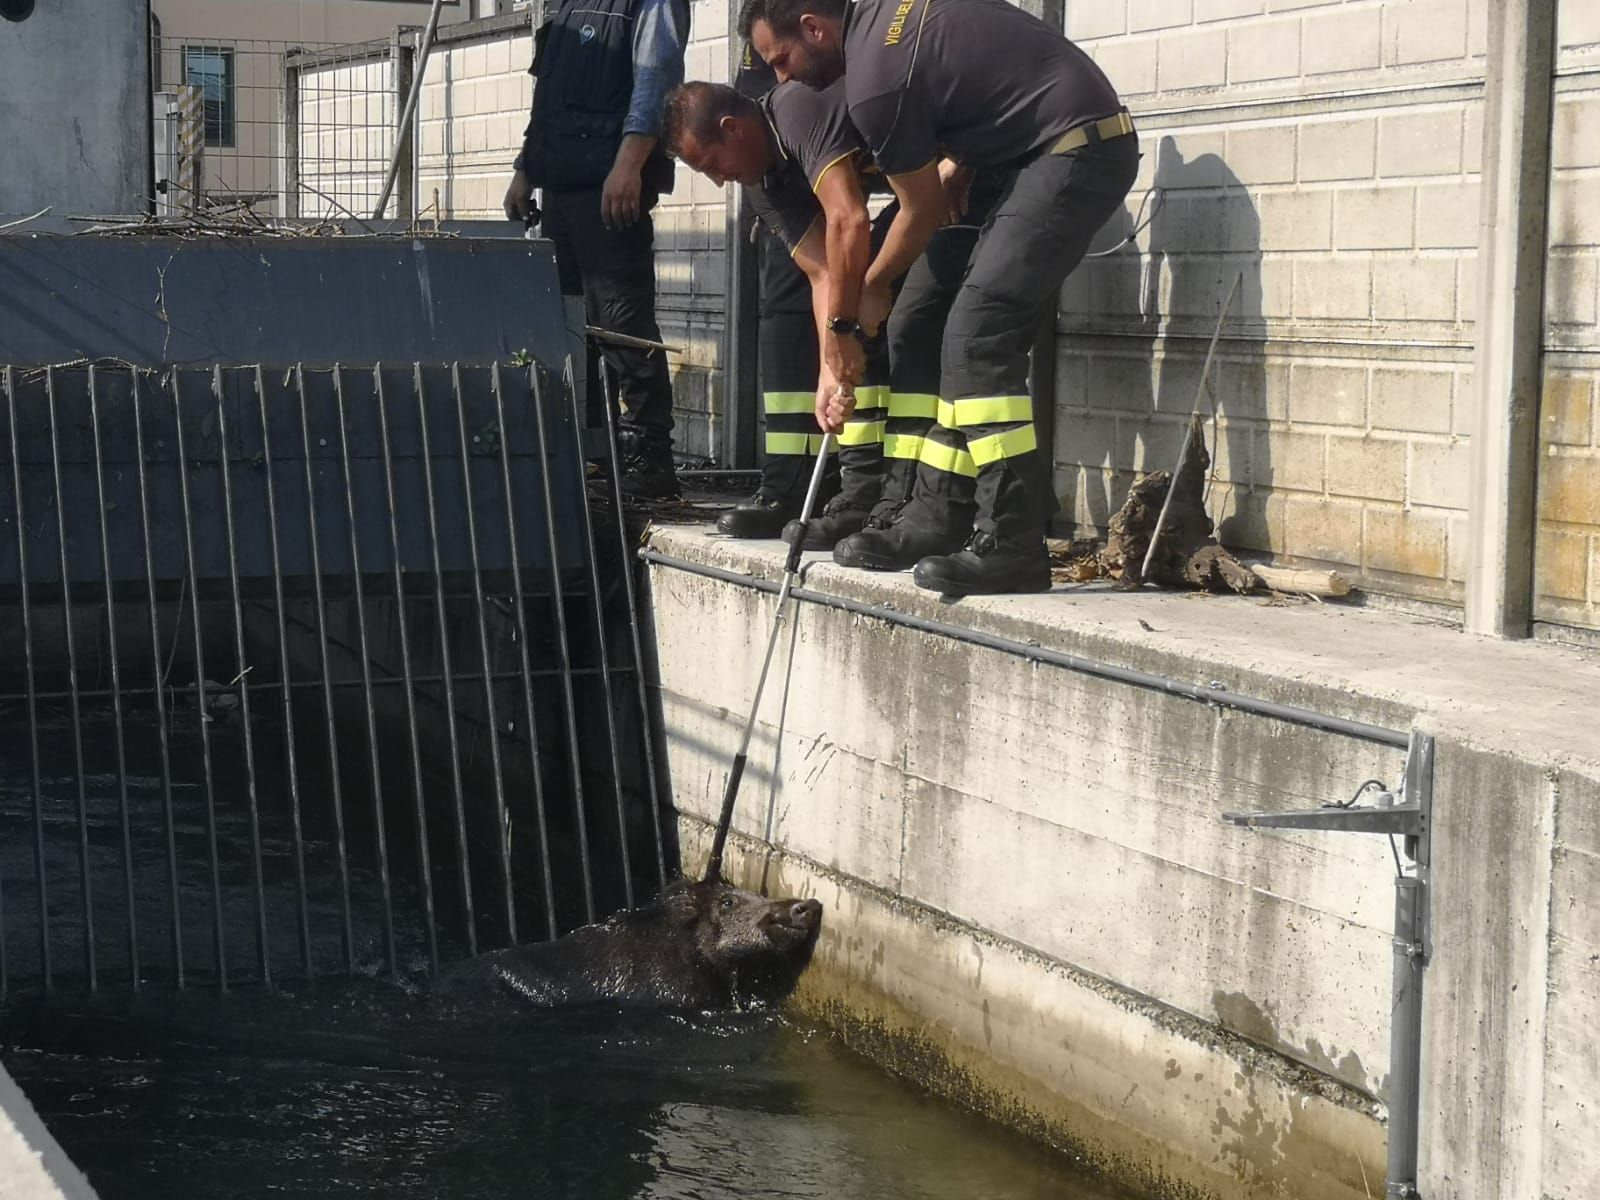 VALPERGA - Cade nel canale, cinghiale salvato dai vigili del fuoco di Ivrea